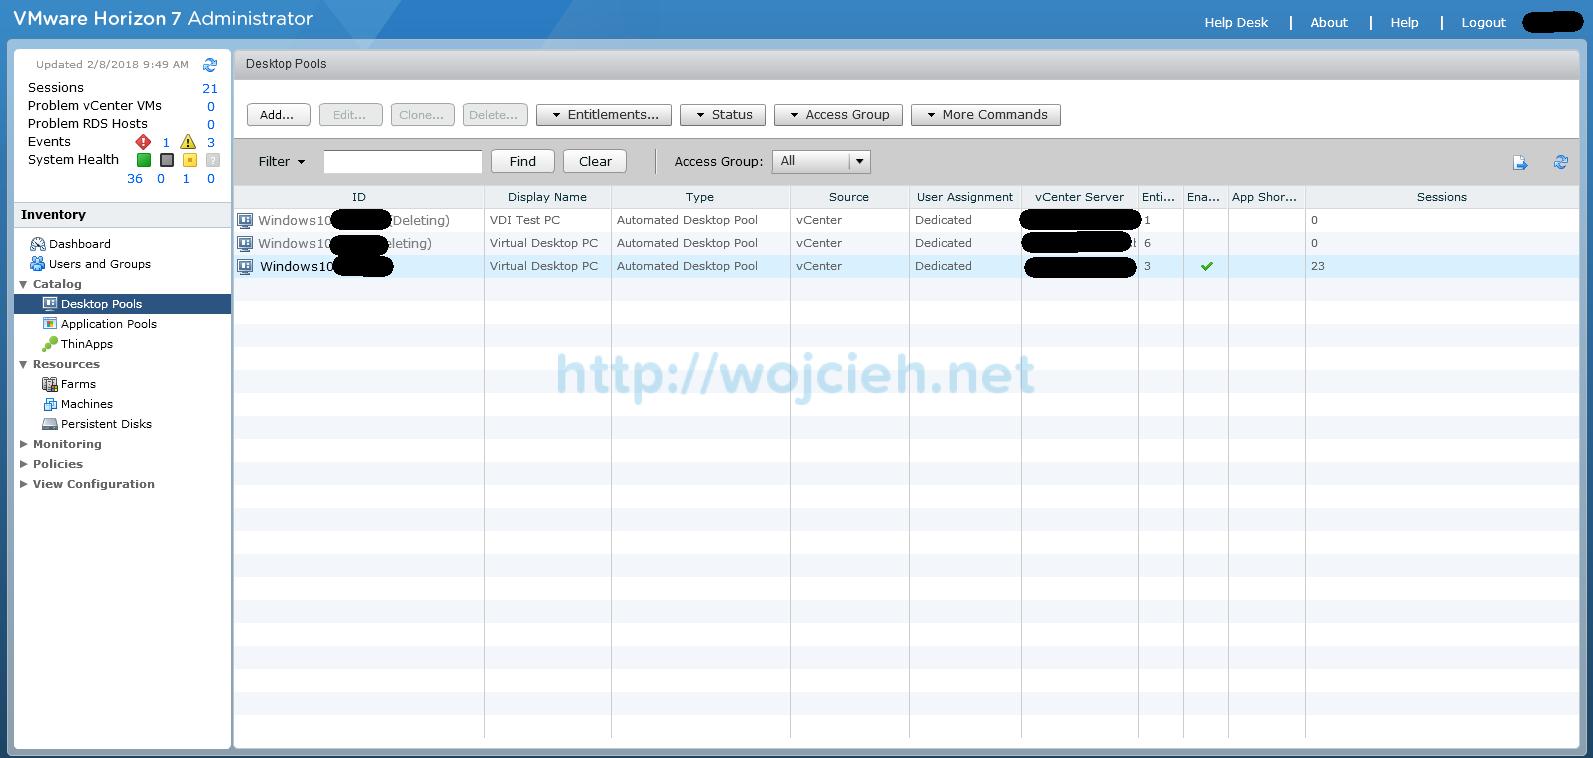 vmware-horizon-7-fix-desktop-pool-stuck-in-delete-state-1